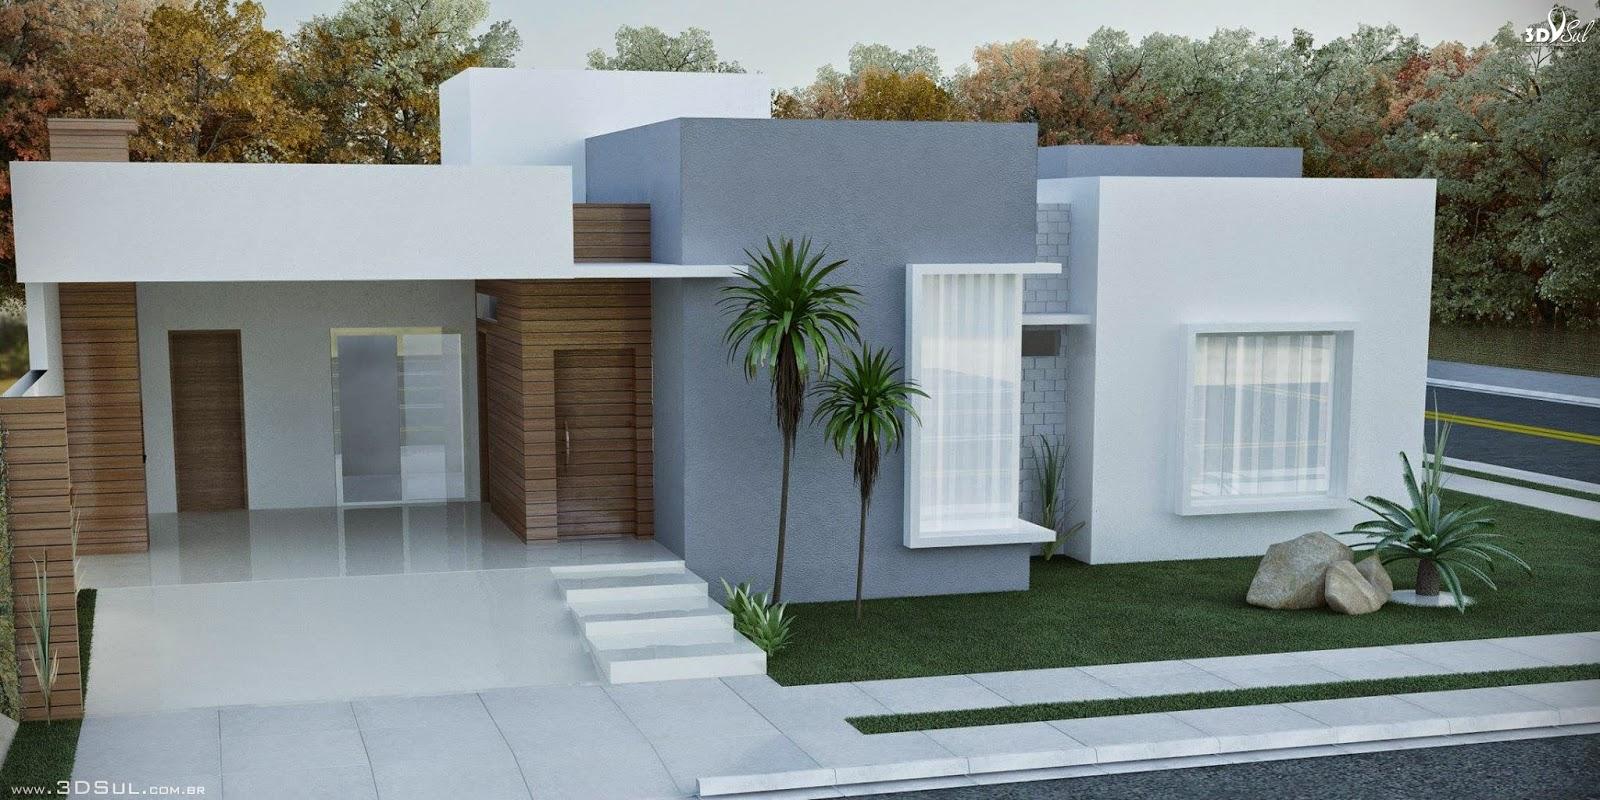 3dsul maquete eletr nica 3d projeto arquitetura for Casas modernas 2015